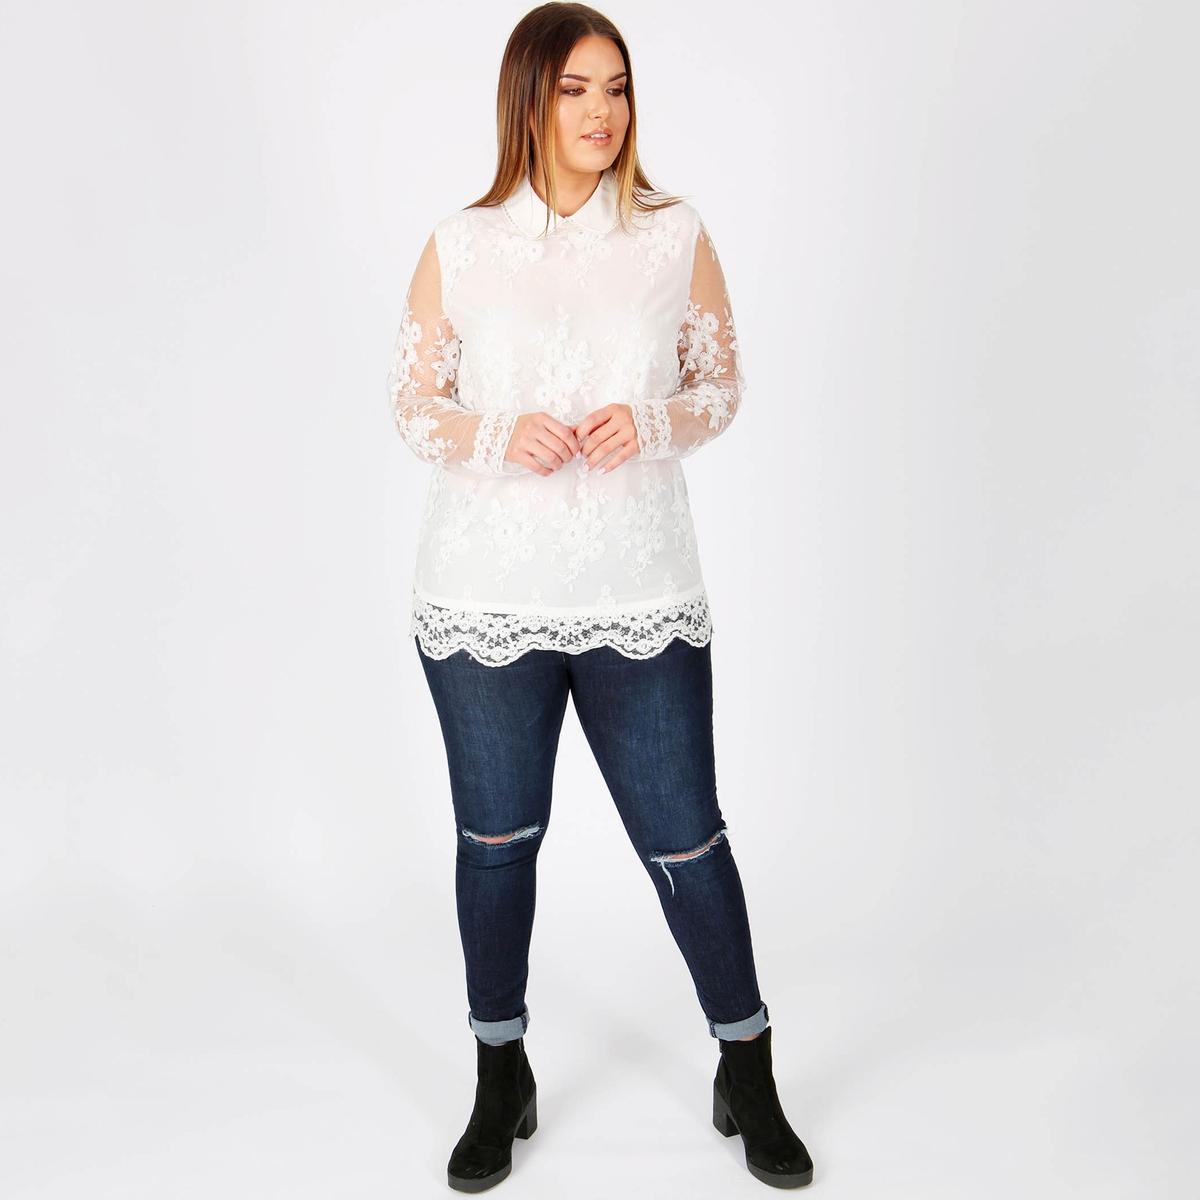 Блузка однотонная с воротником-поло и длинными рукавами футболка с воротником поло длинными рукавами и пуговицами спереди